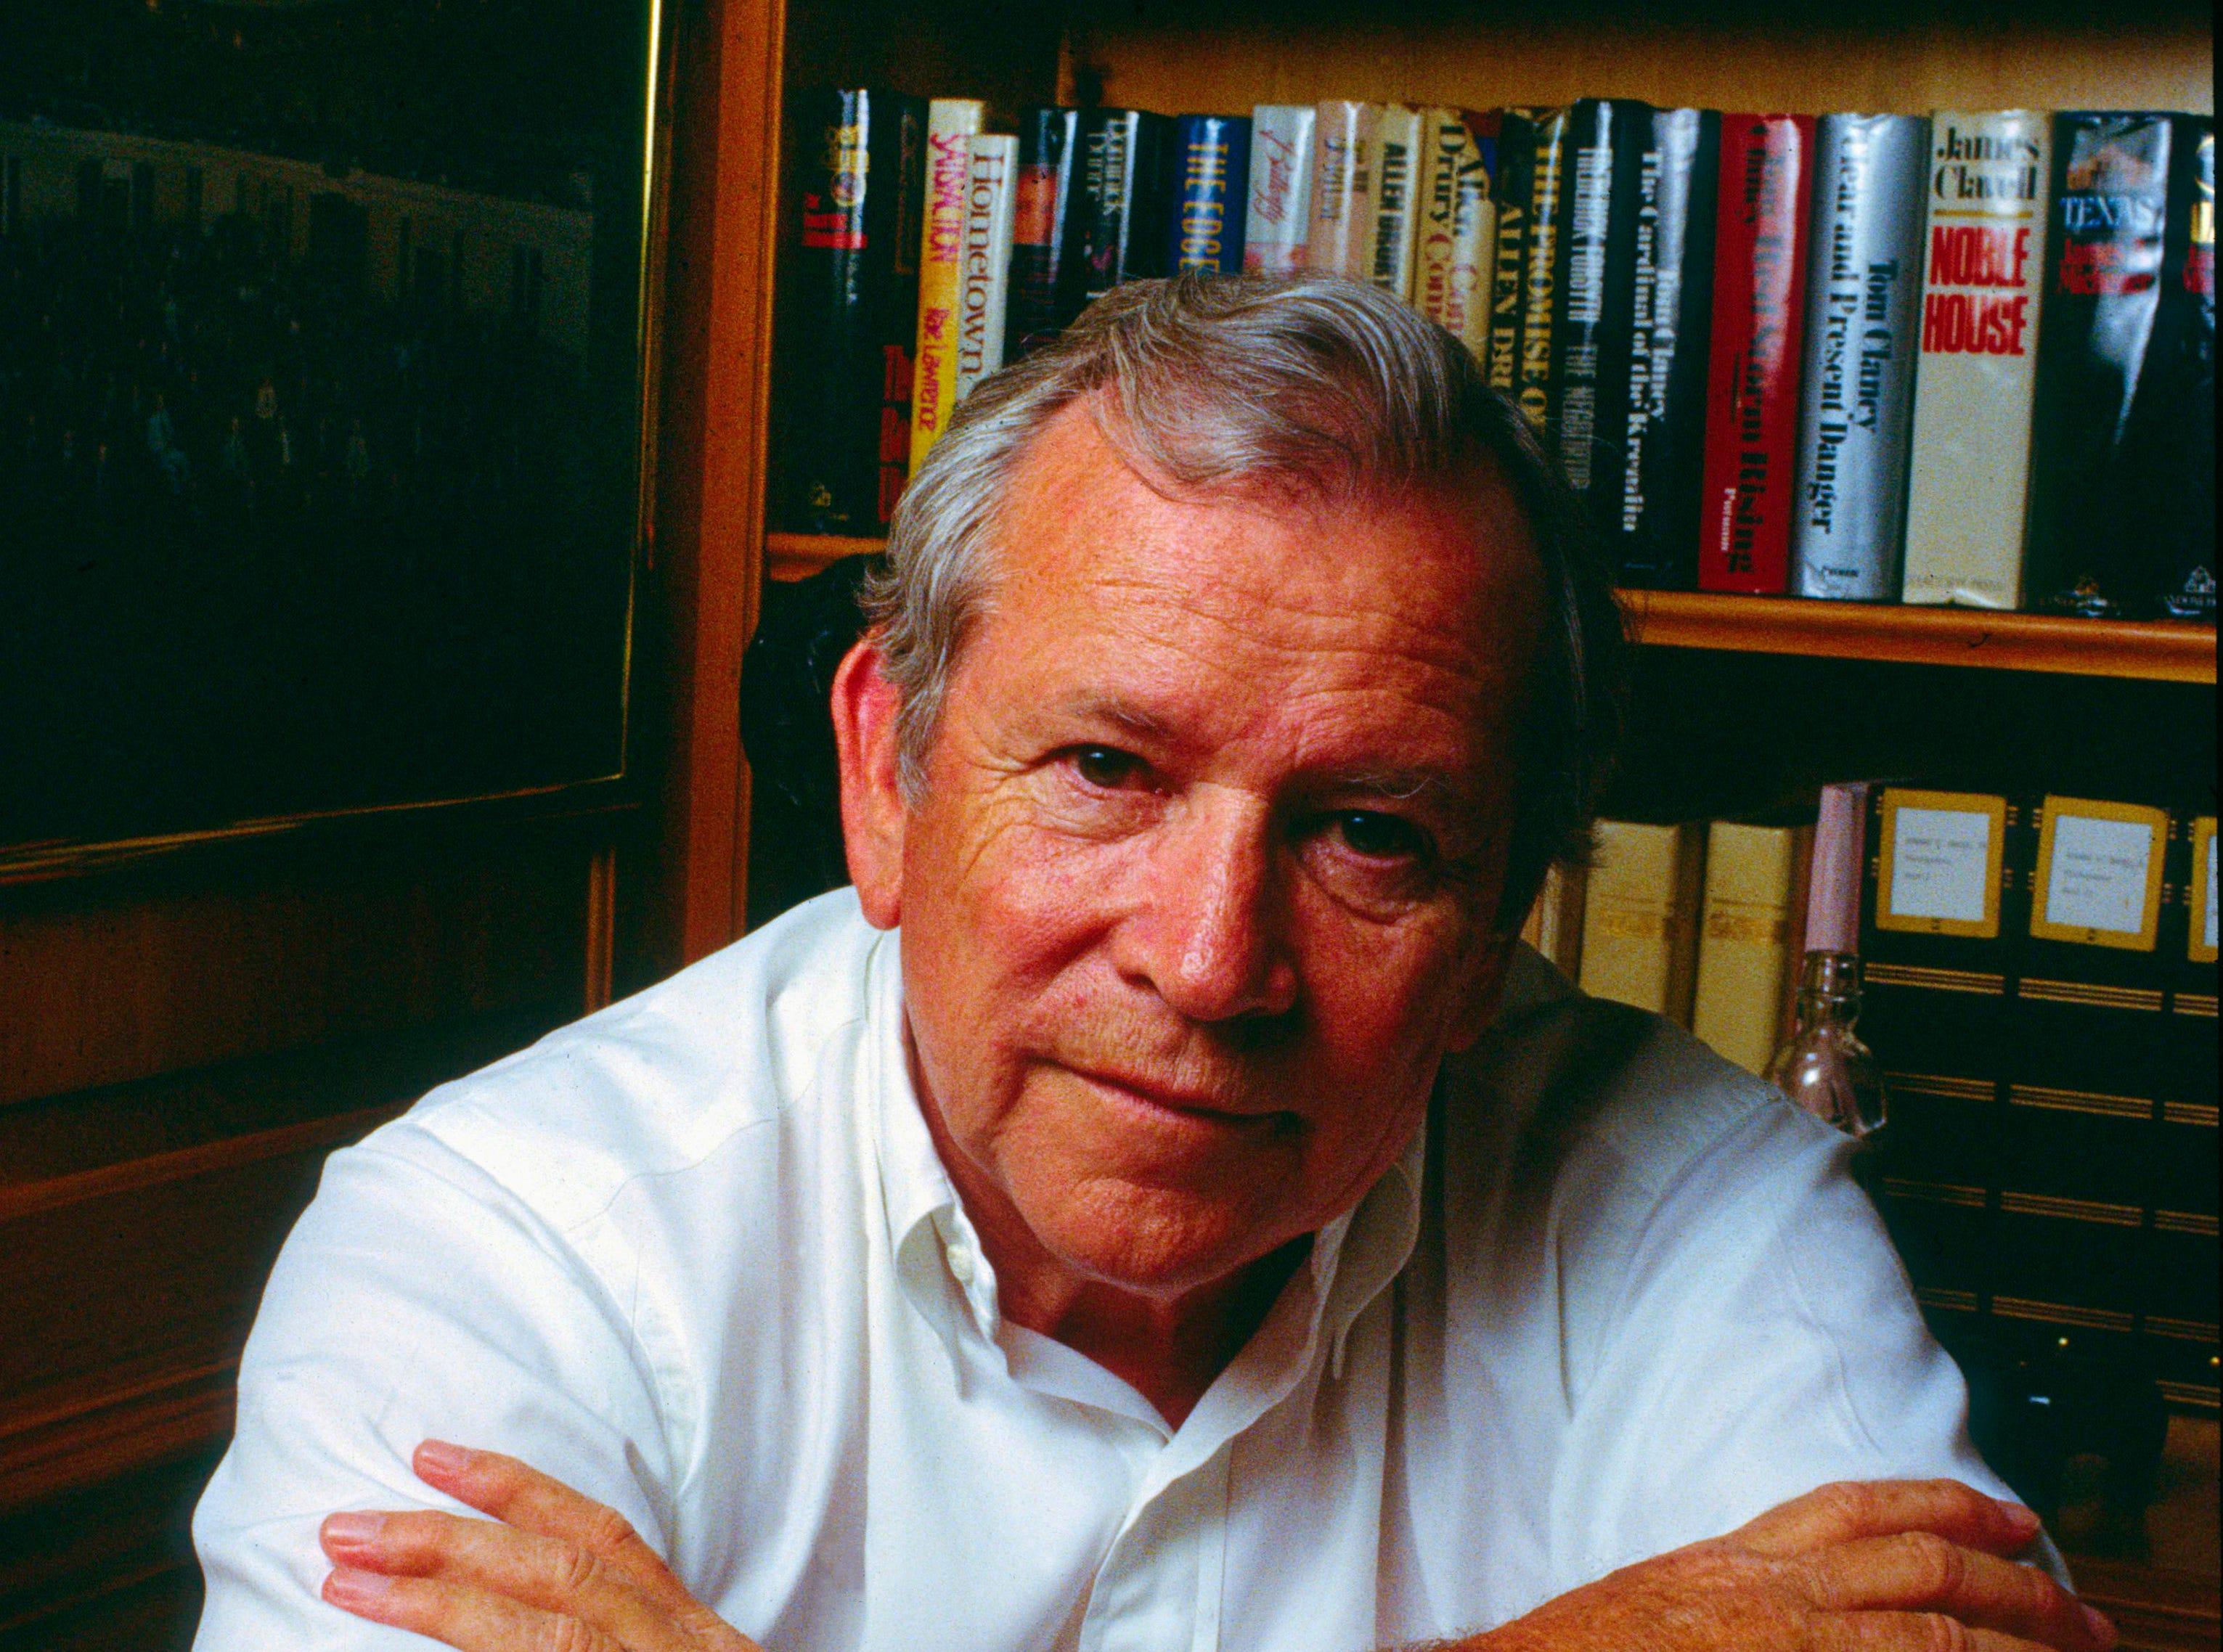 Former U.S. Sen. Howard Baker Jr. pictured on June 17, 1991, at his home in Huntsville.